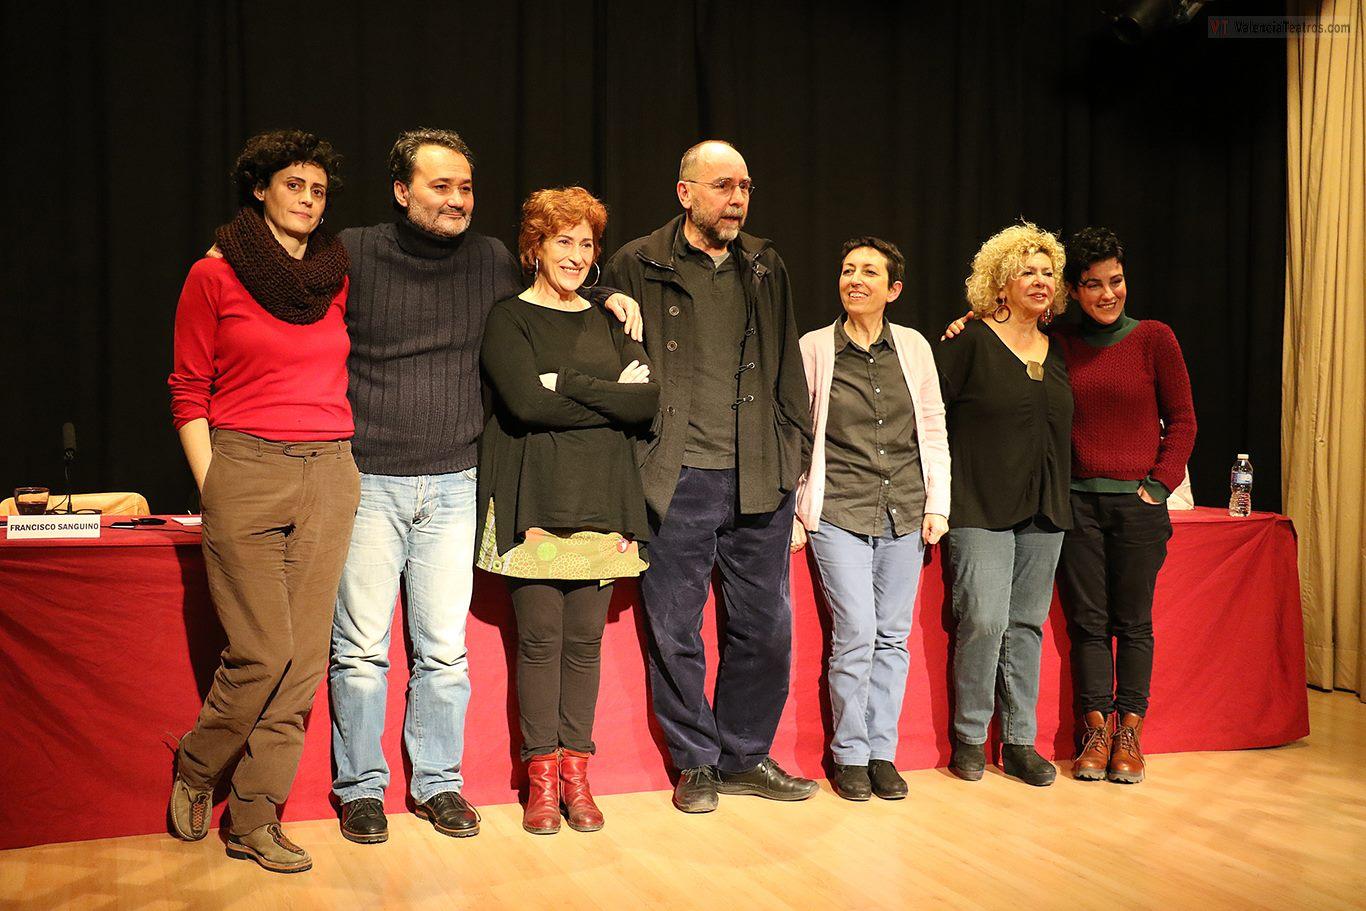 Patricia Pardo, Francisco Sanguino, Pilar Almería, Toni Picazo, Rosángeles Valls y Eva Zapico